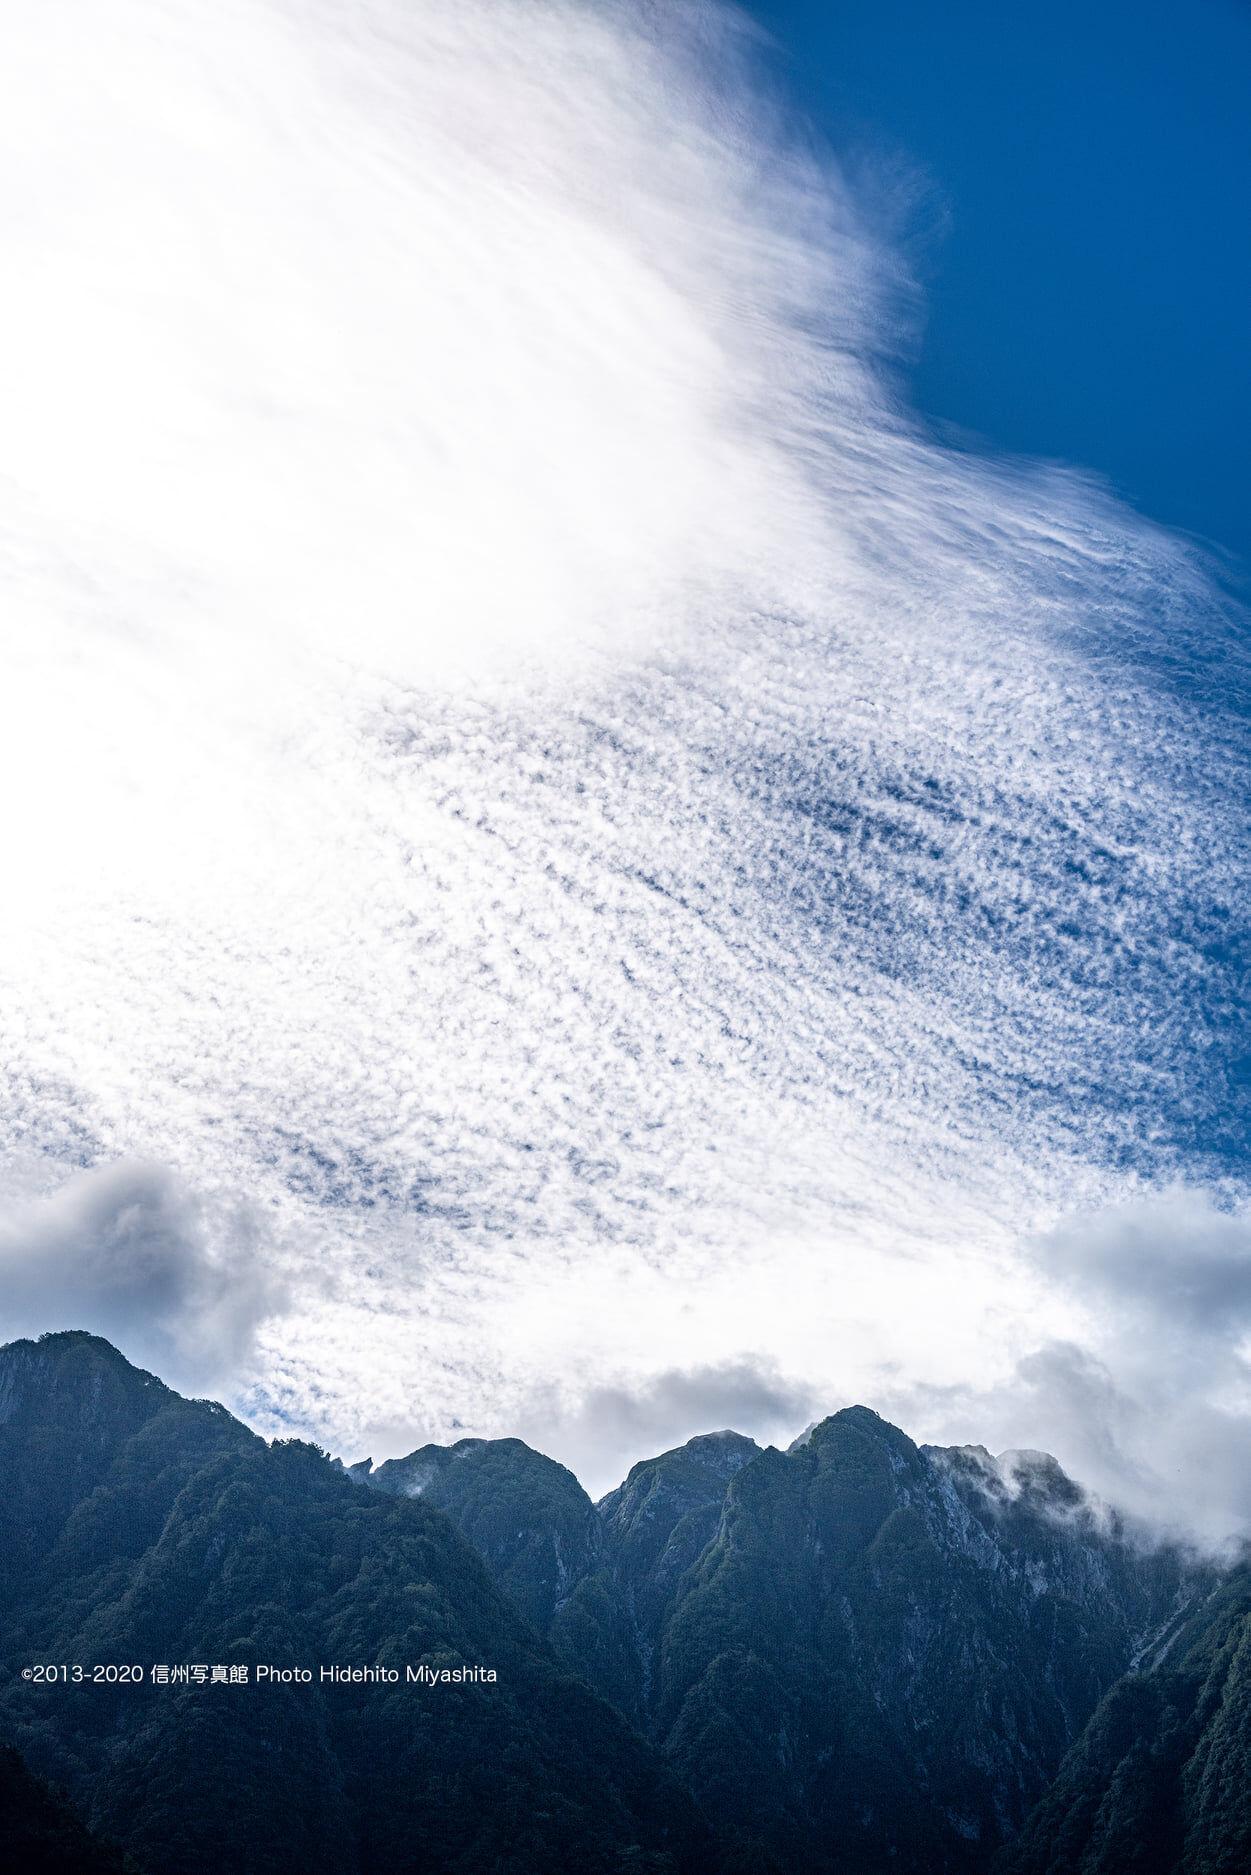 細やかな雲